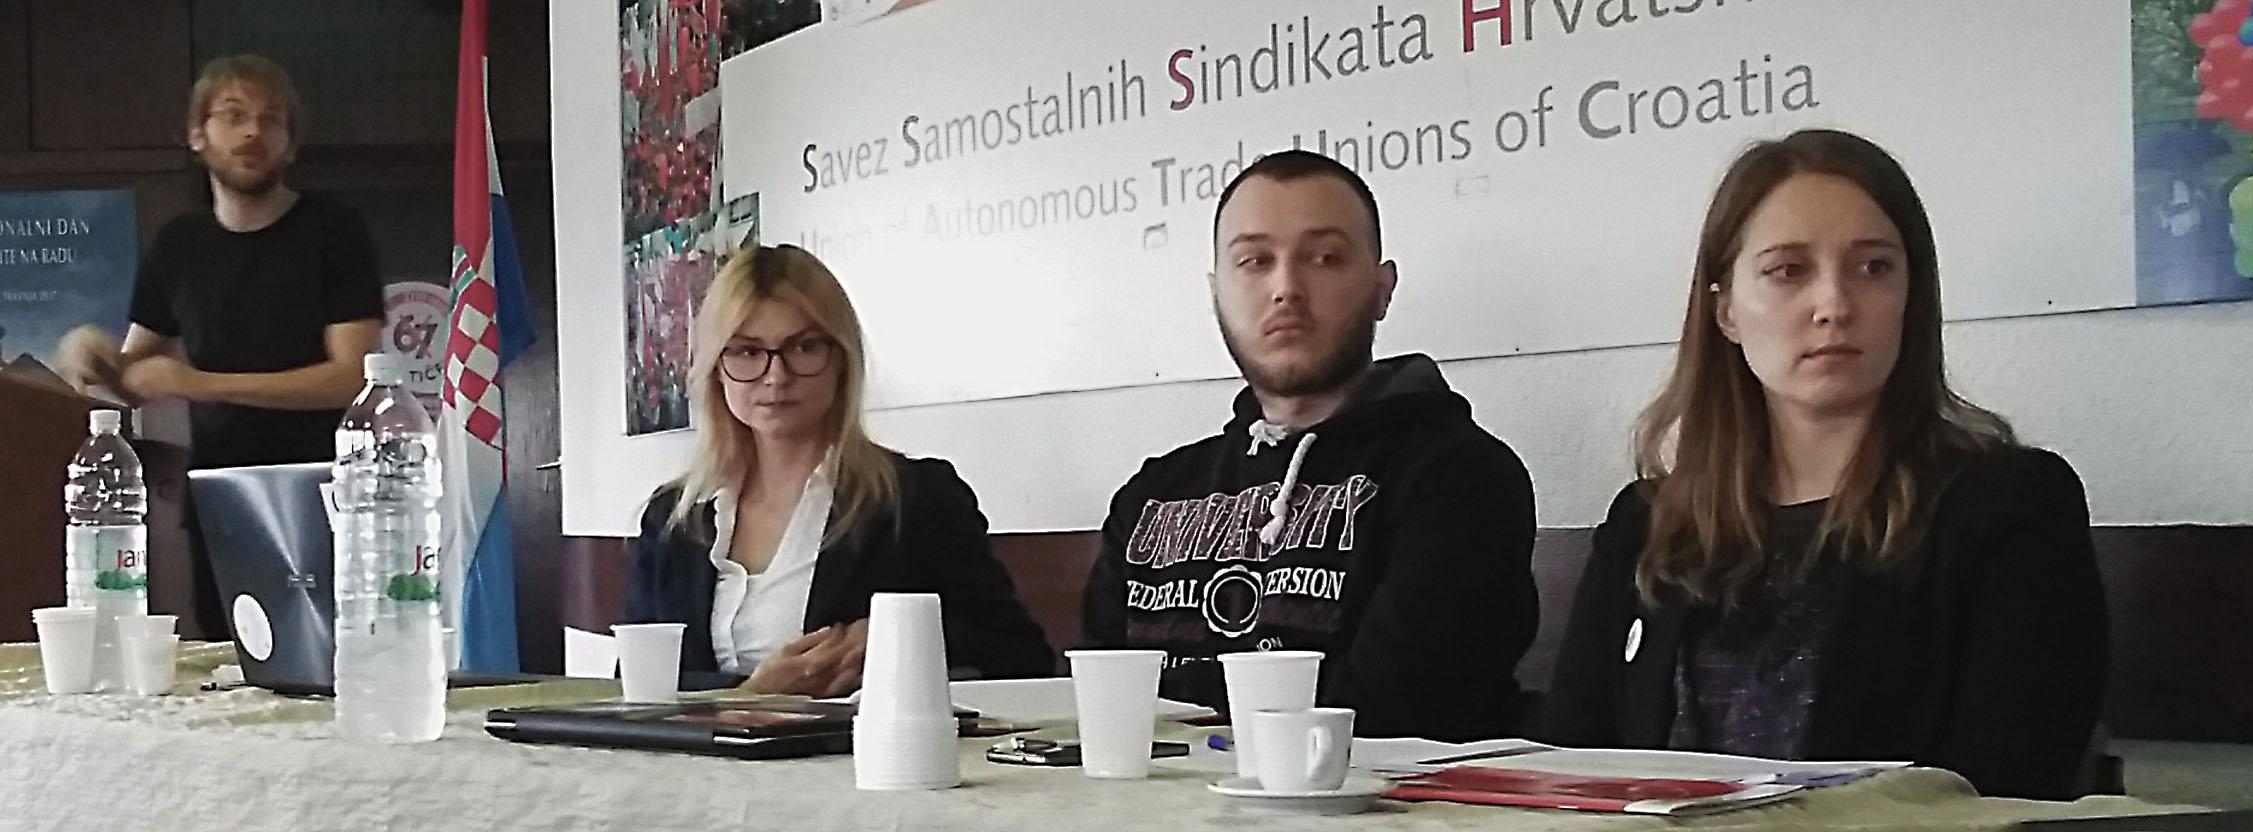 Foto: RP | Jakov Kolak, Maja Pleić, Josip Miličević i Sunčica Brnardić